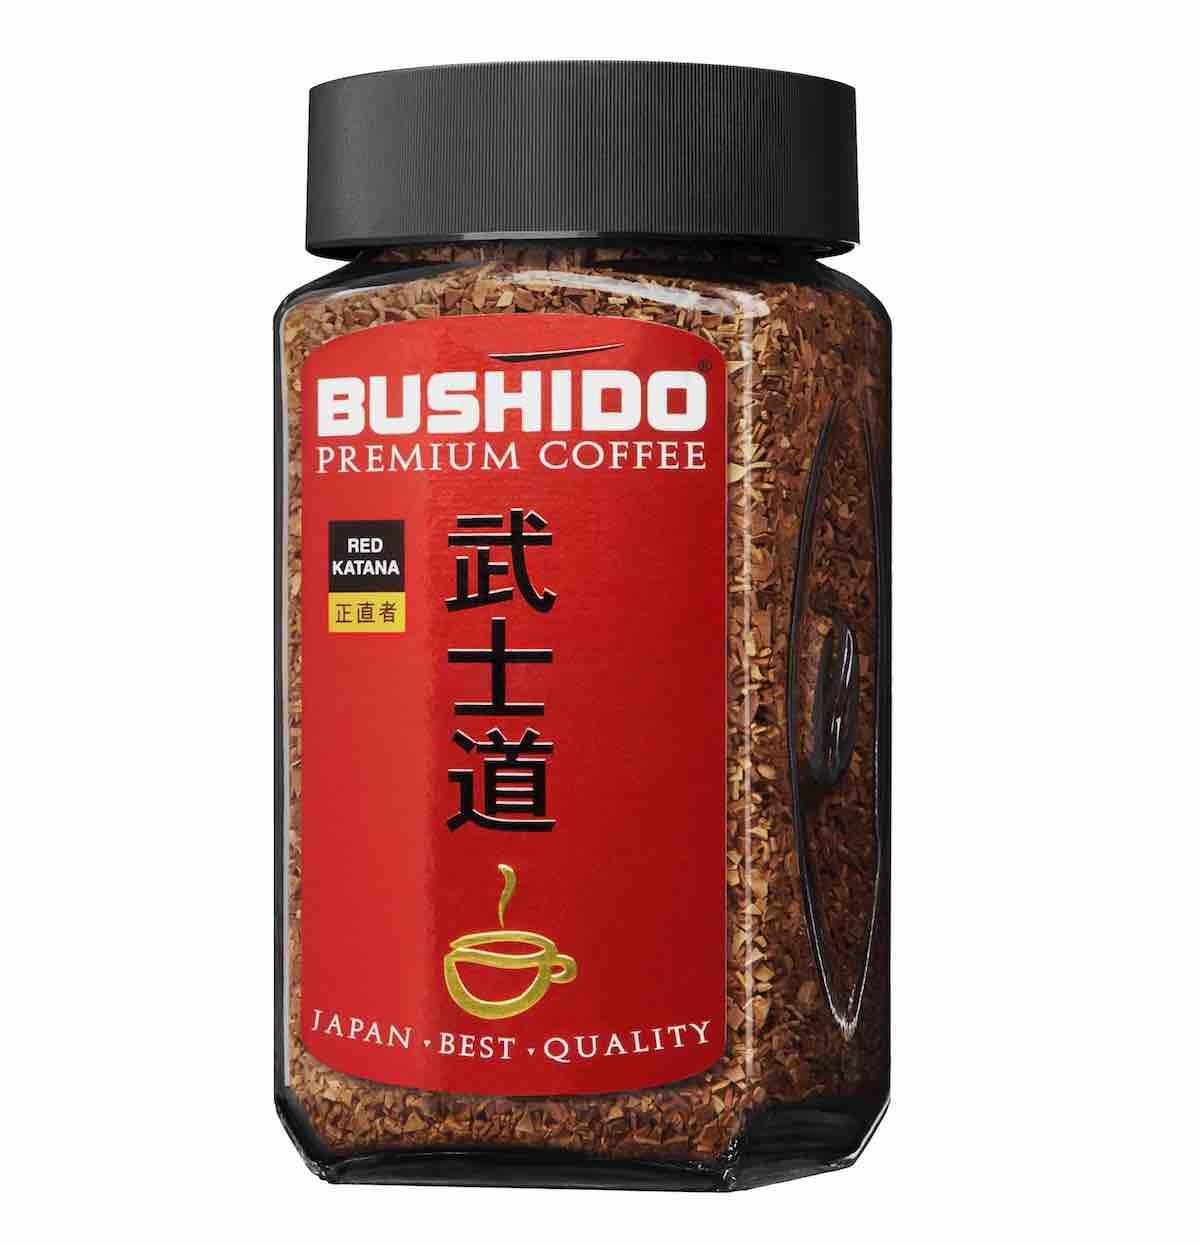 Растворимый кофе Кофе растворимый Red Katana, Bushido, 100 г import_files_0a_0a6e3d49cb2511eaa9ce484d7ecee297_2f45185dcdab11eaa9ce484d7ecee297.jpg